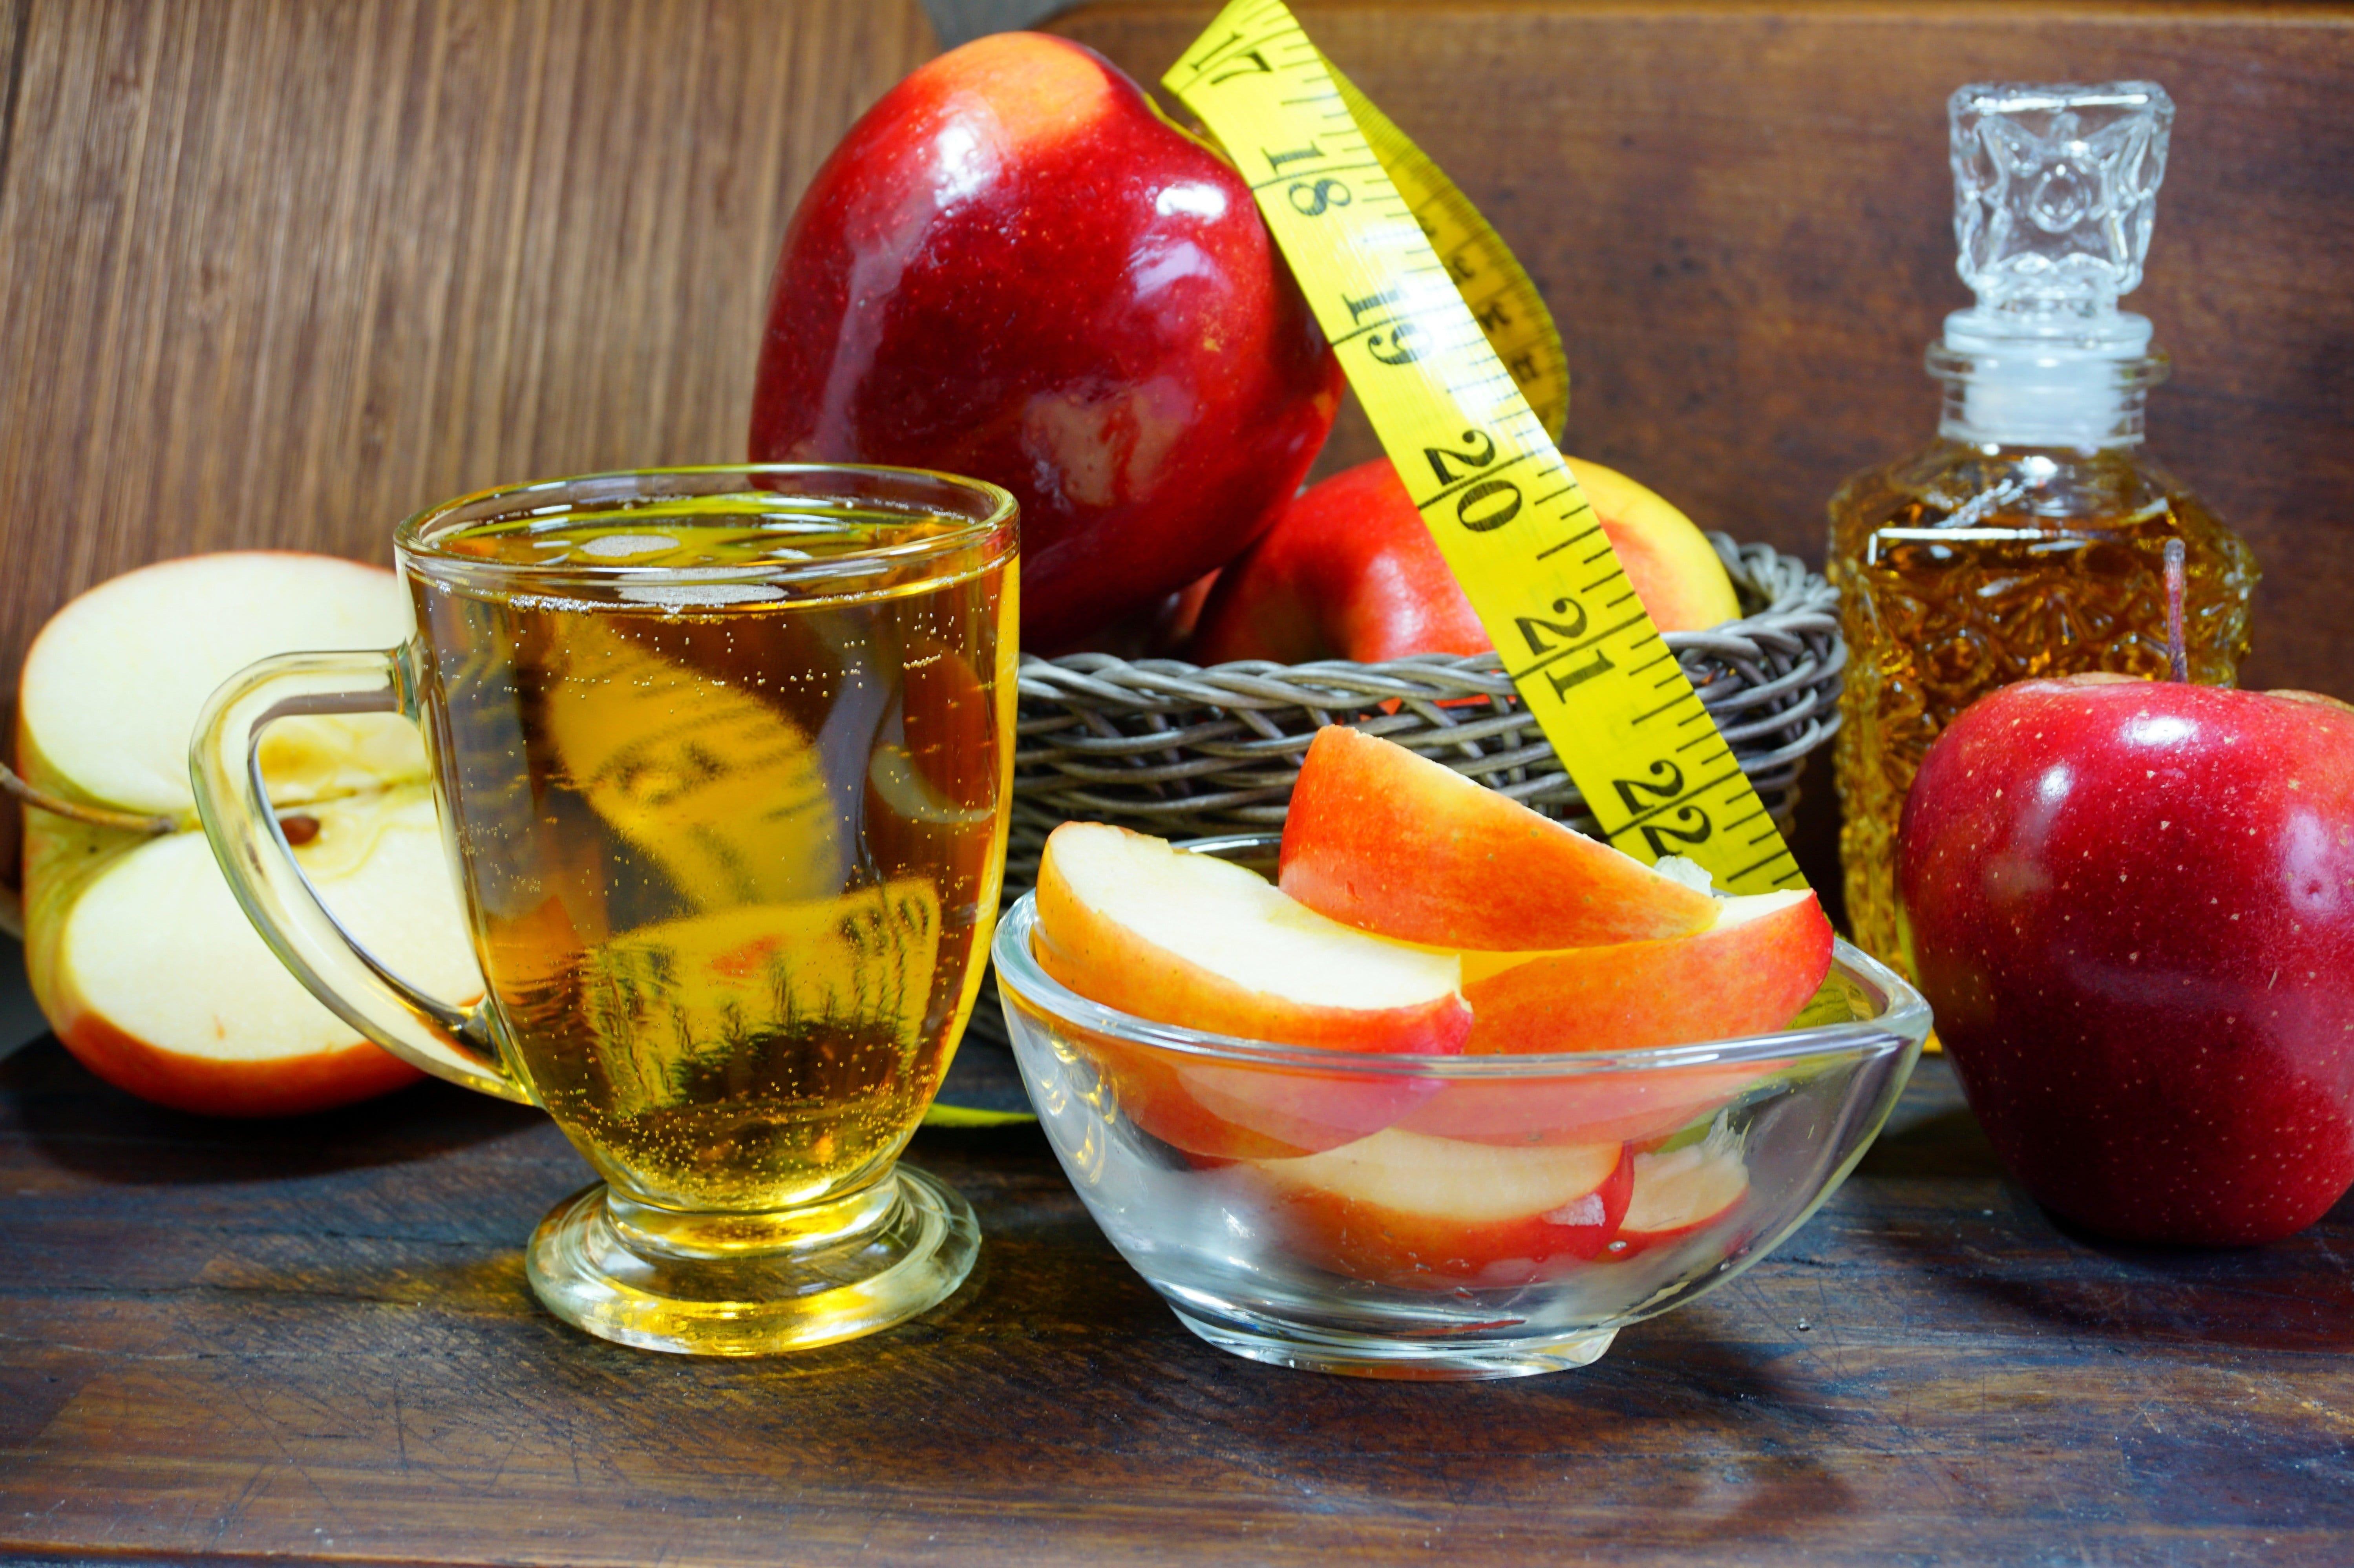 Wie kann ich Apfelessig verwenden, um Gewicht zu verlieren